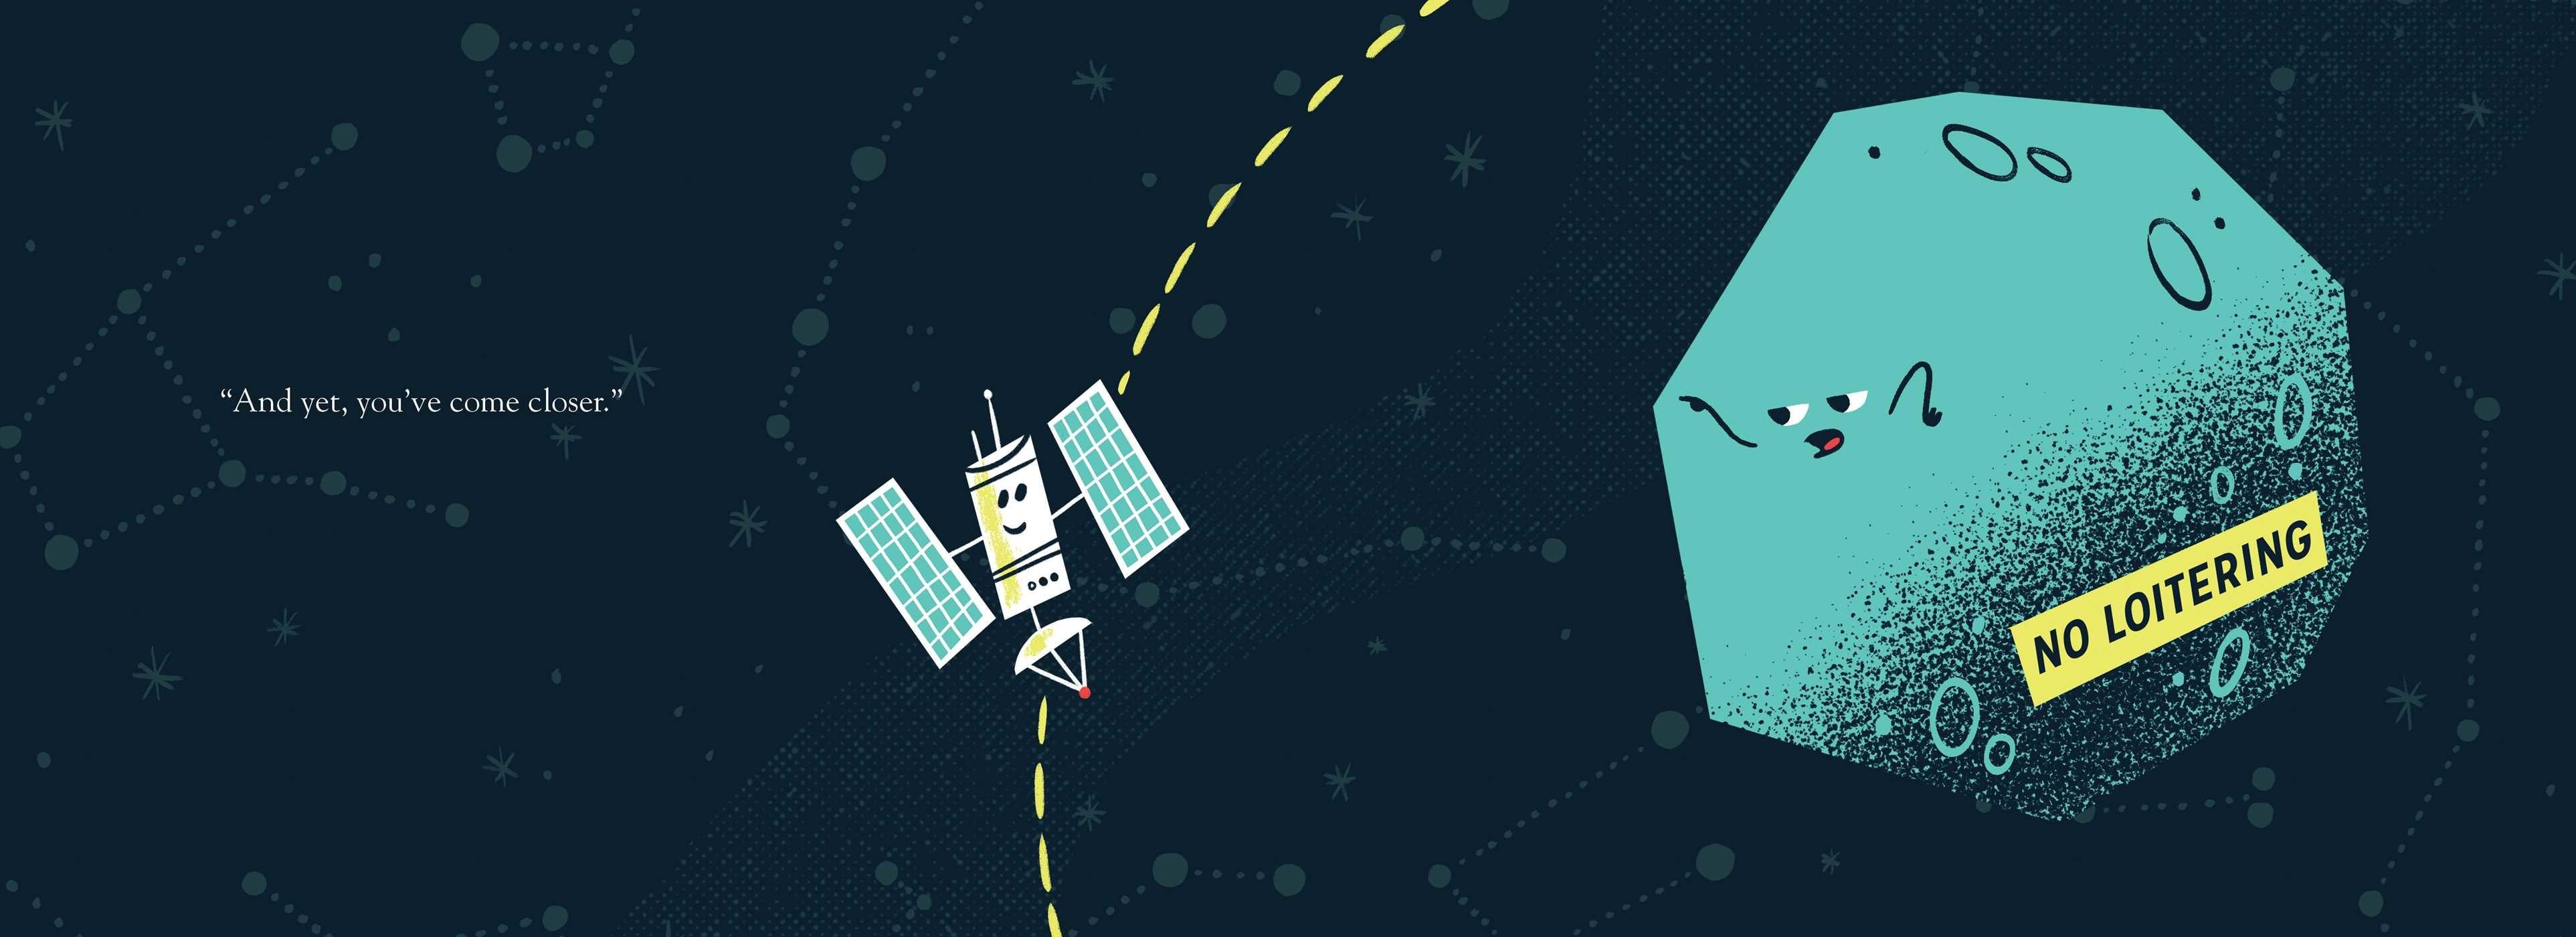 celebrate-picture-books-picture-book-review-oh-no-astro-interior-art-satellite